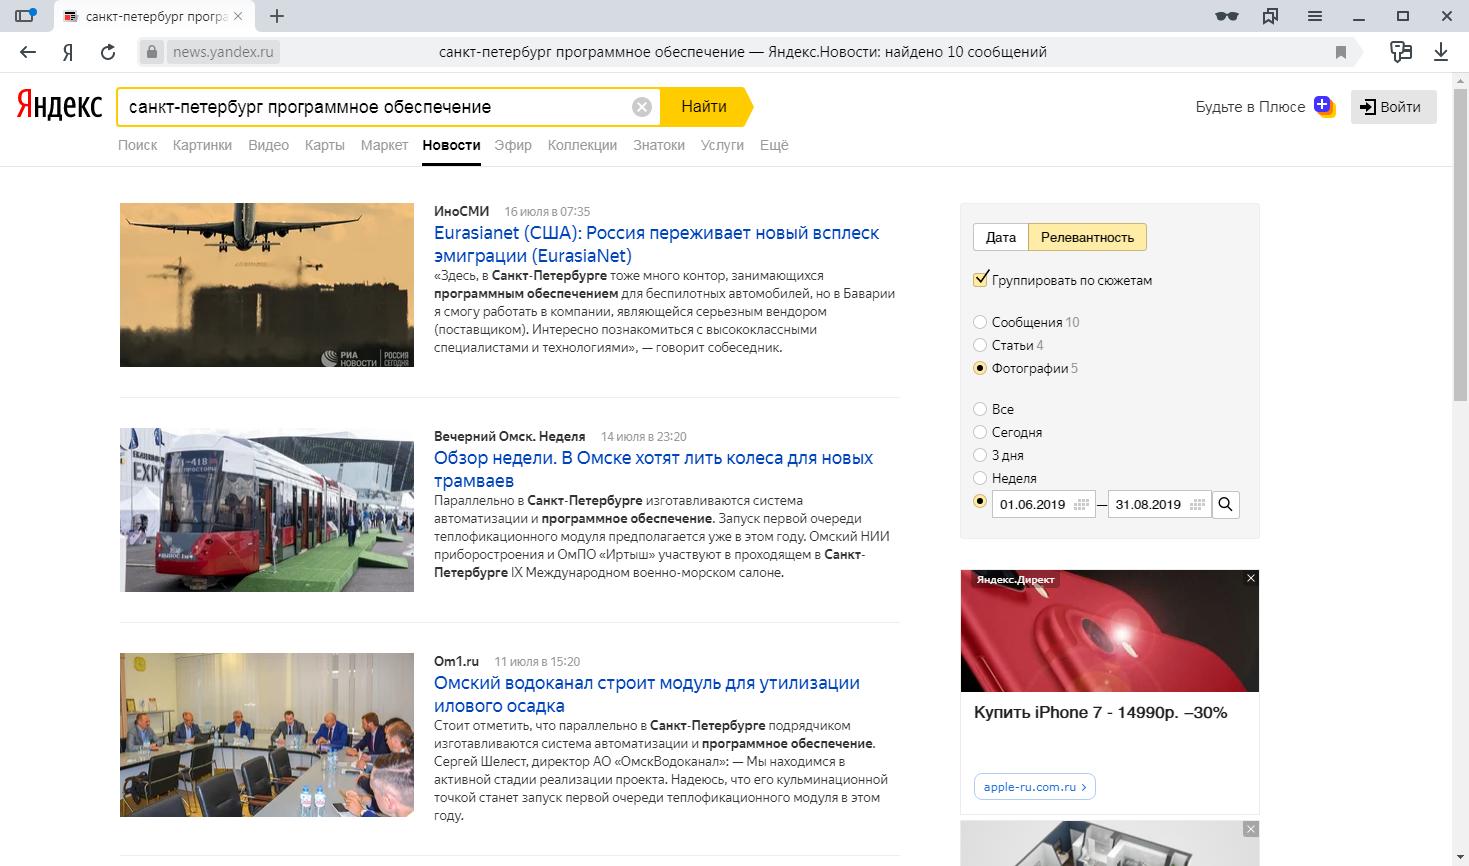 Выбор публикаций с фотографиями в бесплатном программном продукте Яндекс.Новости